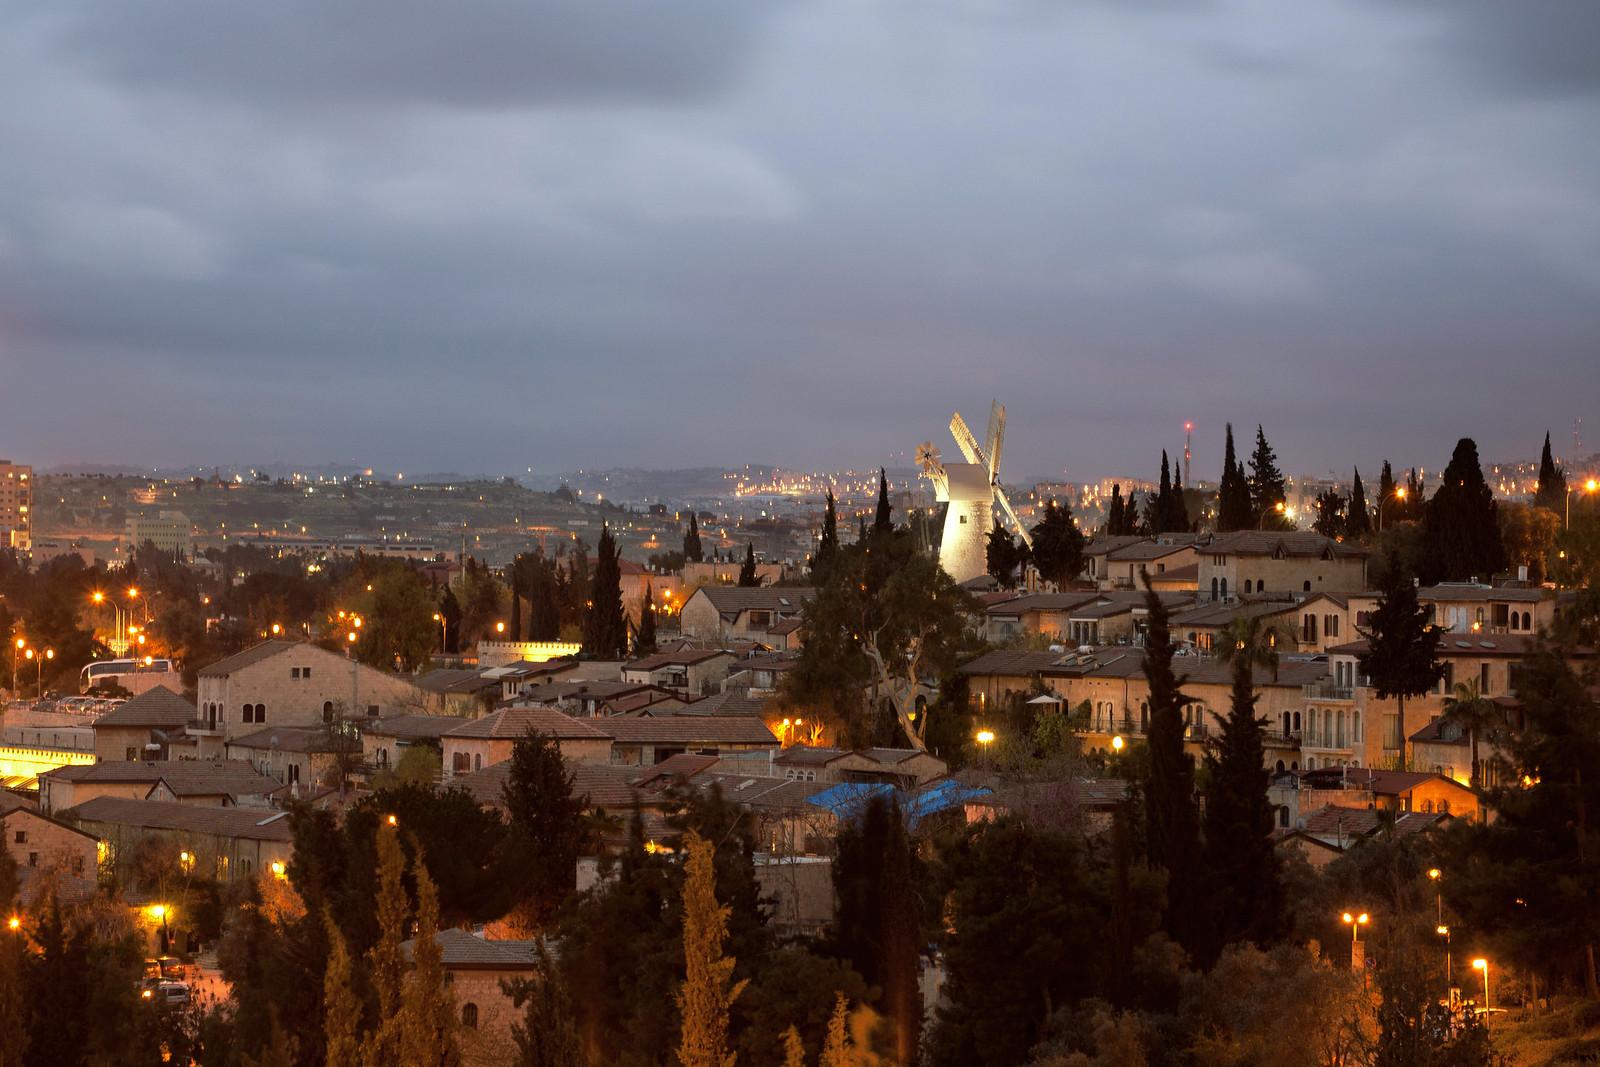 IMG_9934 Windmill_6_the Windmill by night_Jerusalem_Noam Chen_IMOT